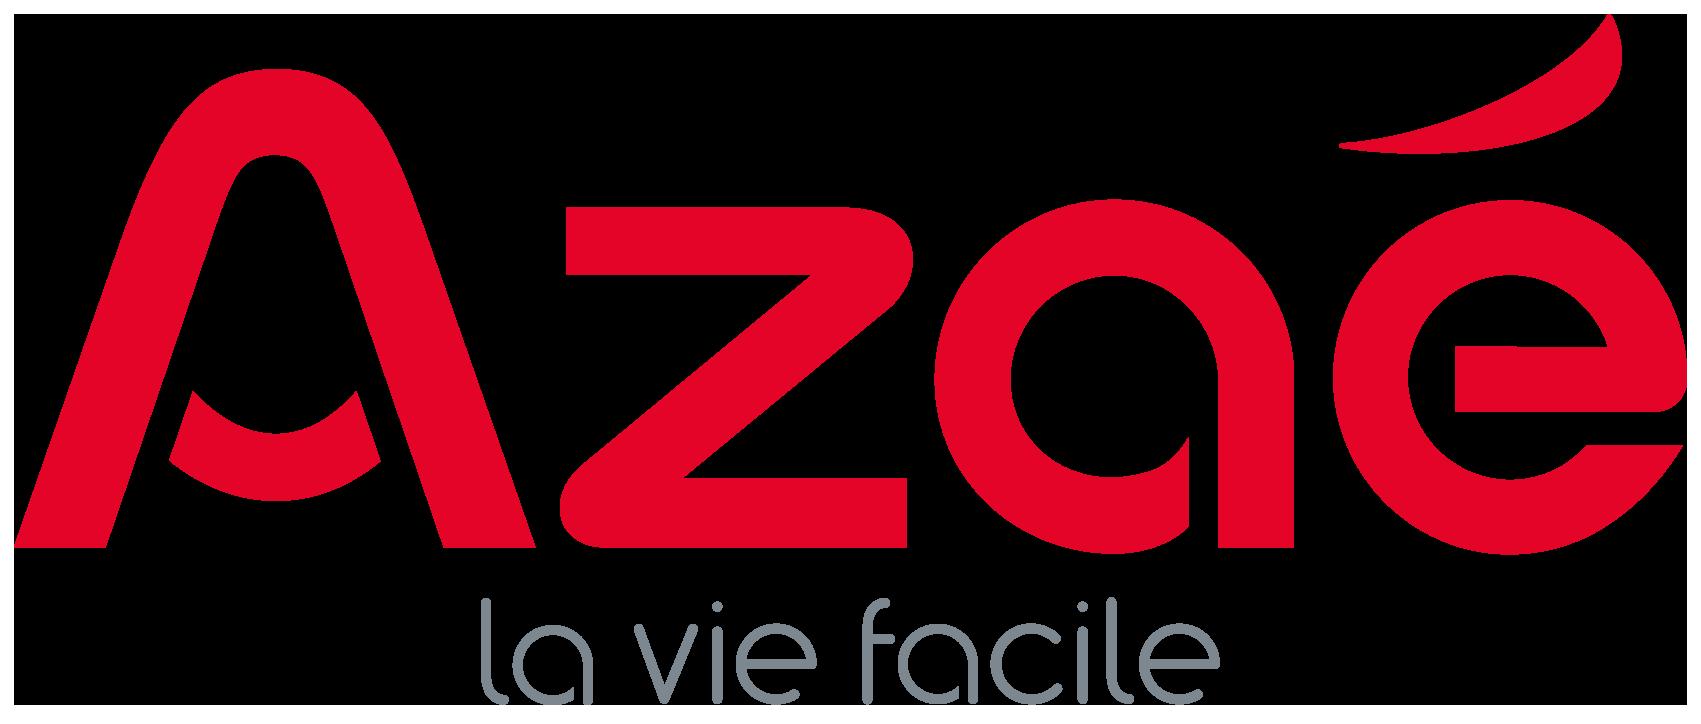 Azaé Côte Basque - Aide à domicile et femme de ménage garde d'enfants